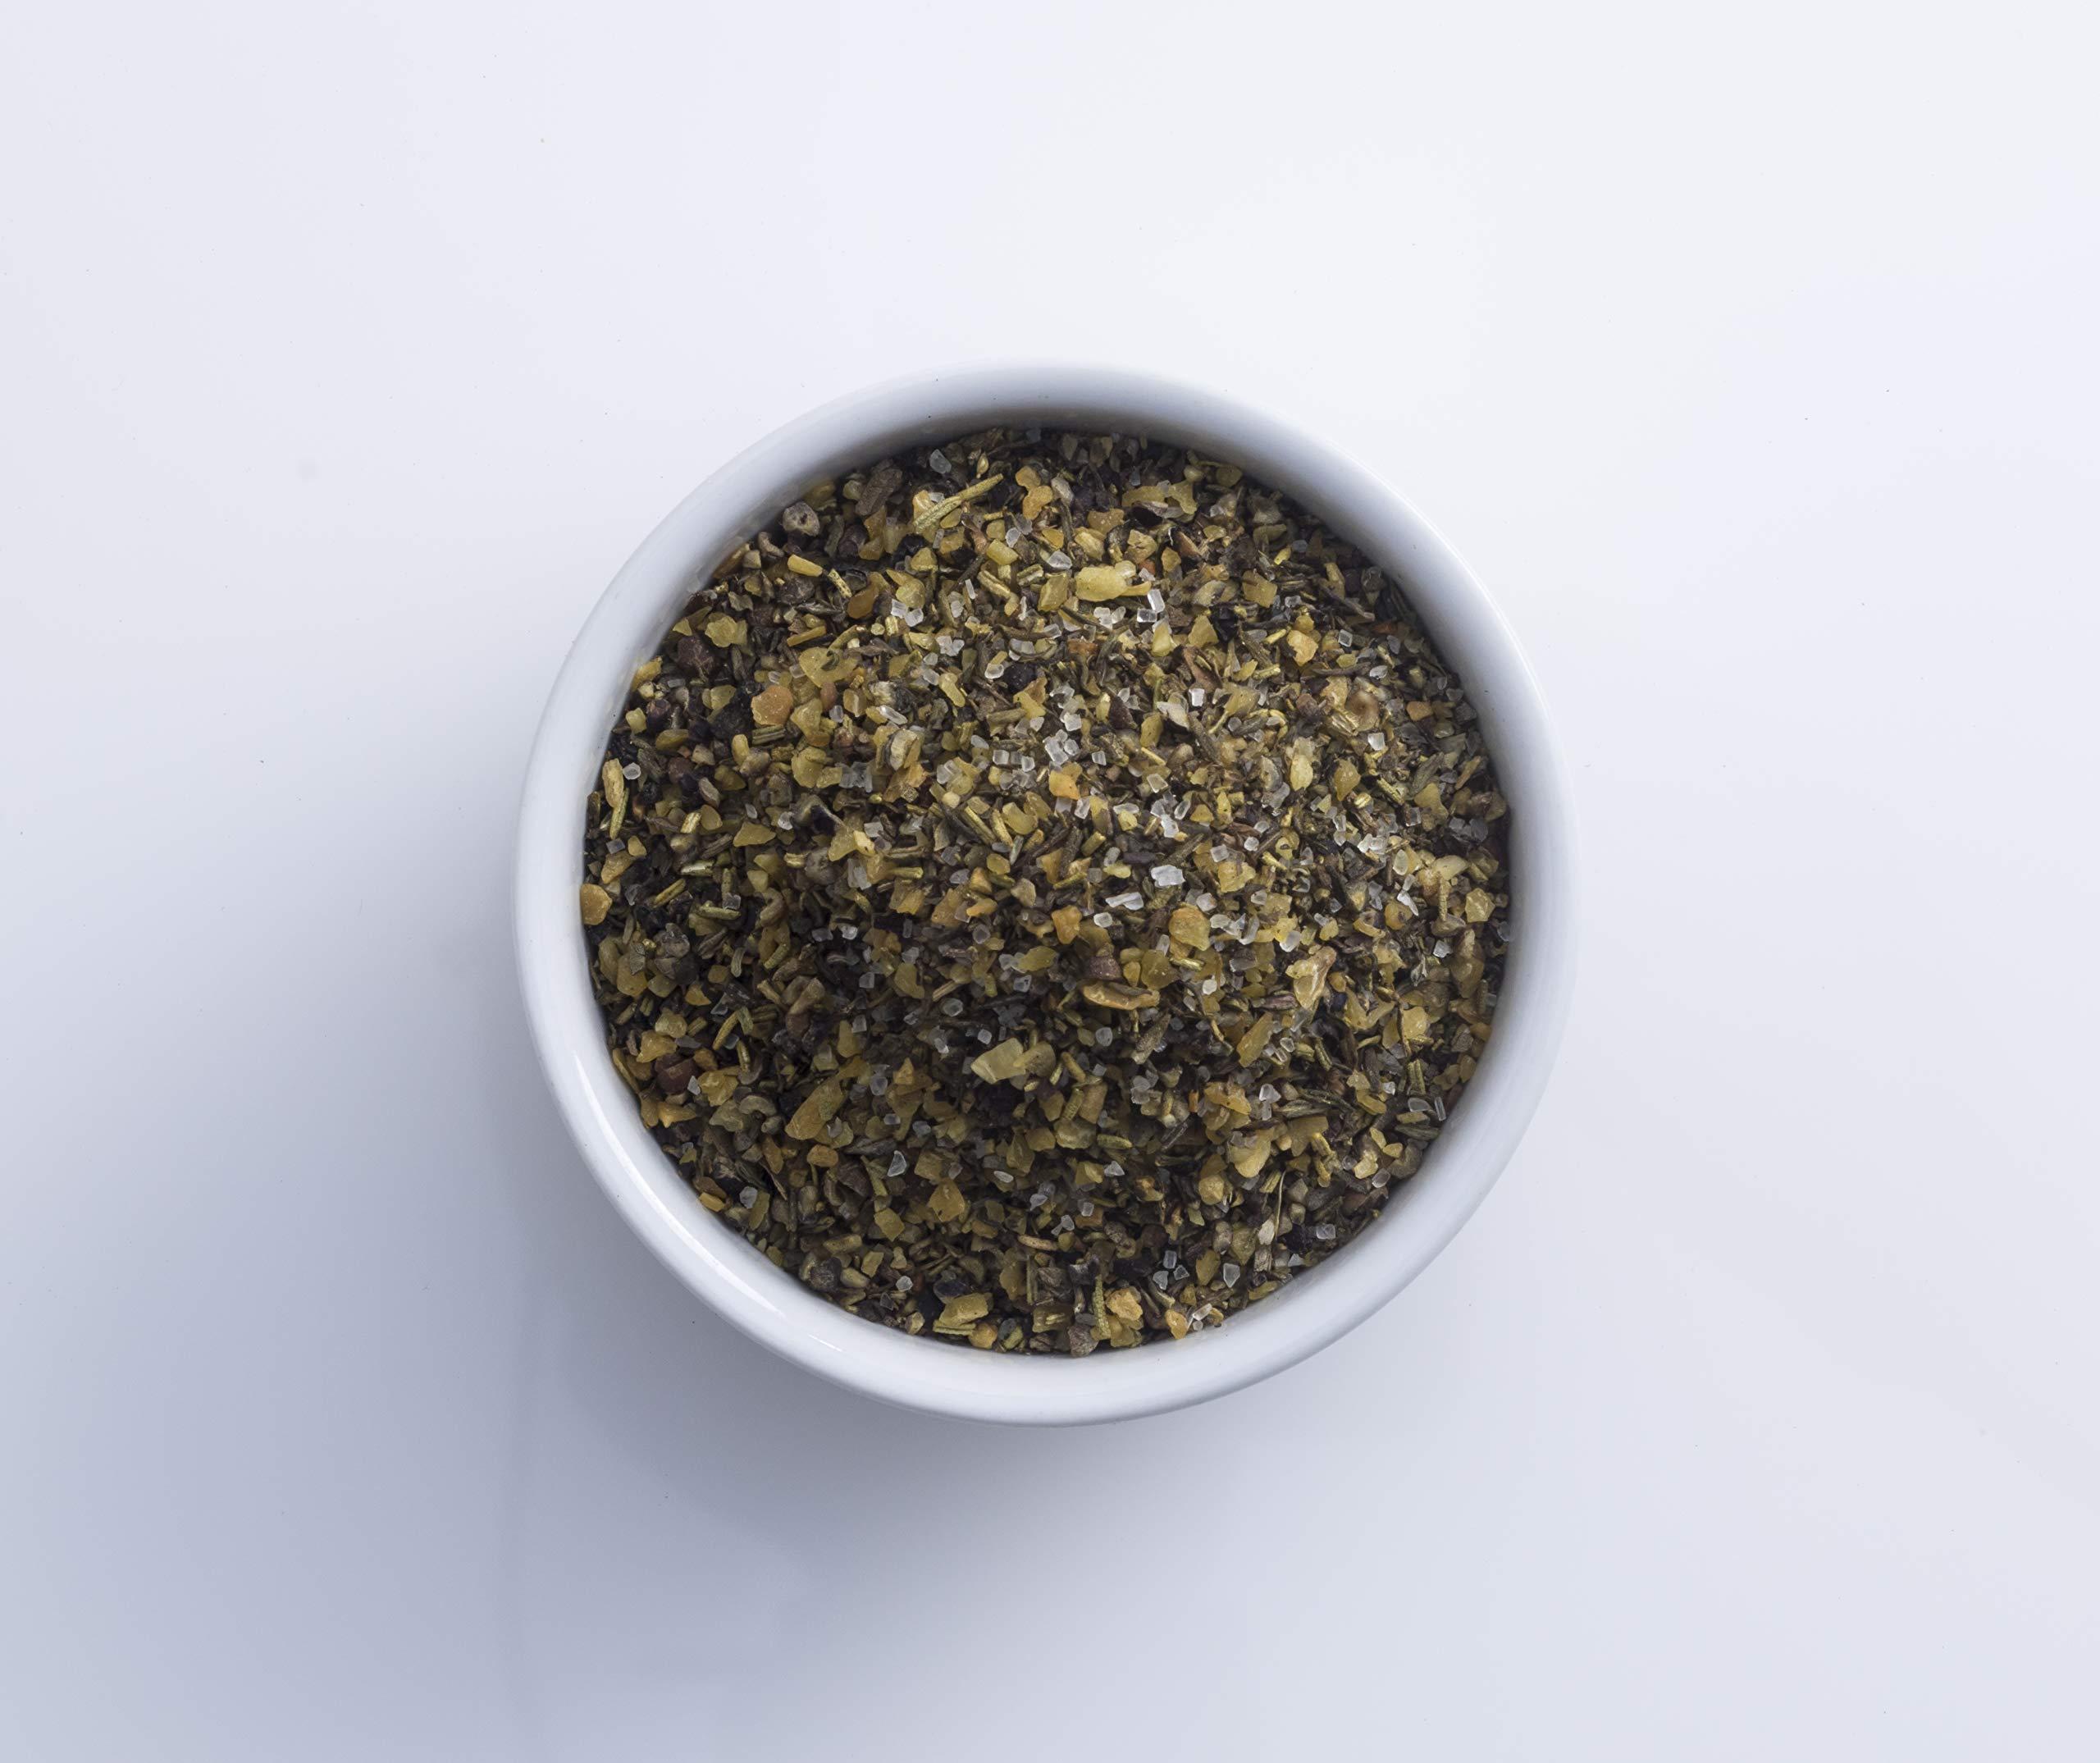 Tastefully Simple Super Seasoning Pack - 7 Pack Ultimate Seasoning Set by Tastefully Simple (Image #6)